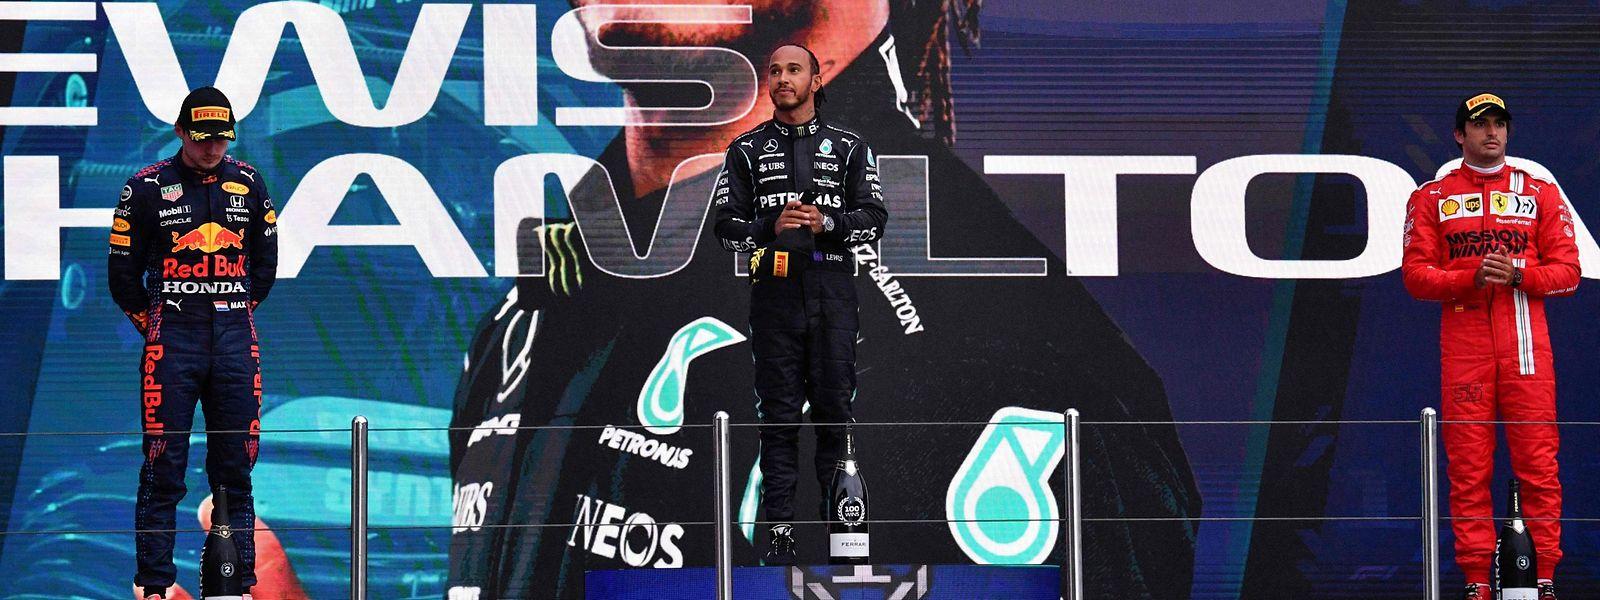 Lewis Hamilton gewinnt den Grand Prix von Russland vor Max Verstappen (l.) und Carlos Sainz jr. (r.).